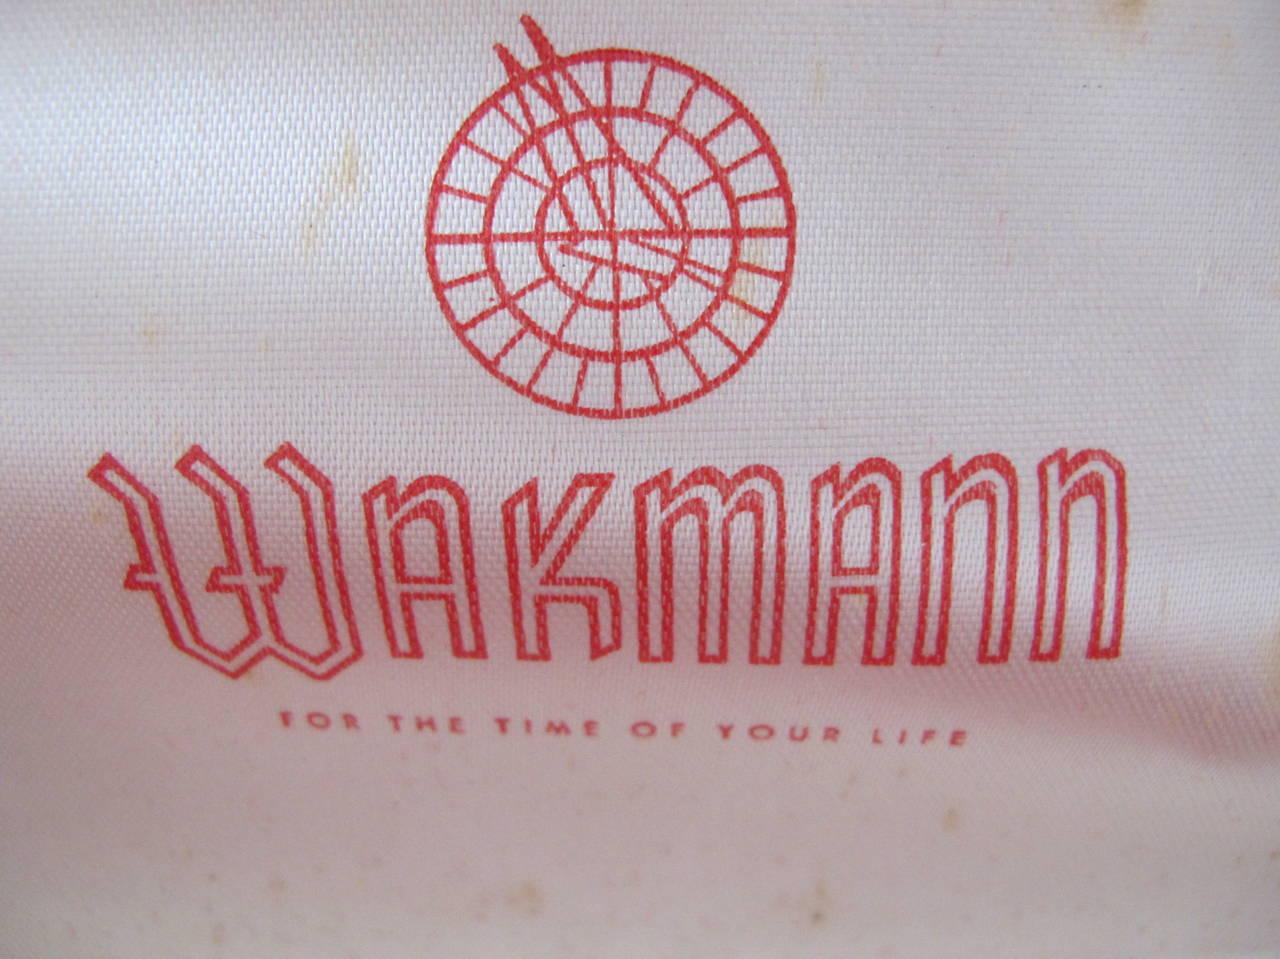 """Wakmann Stainless Steel Alarm """"Incabloc"""" Wristwatch 7"""